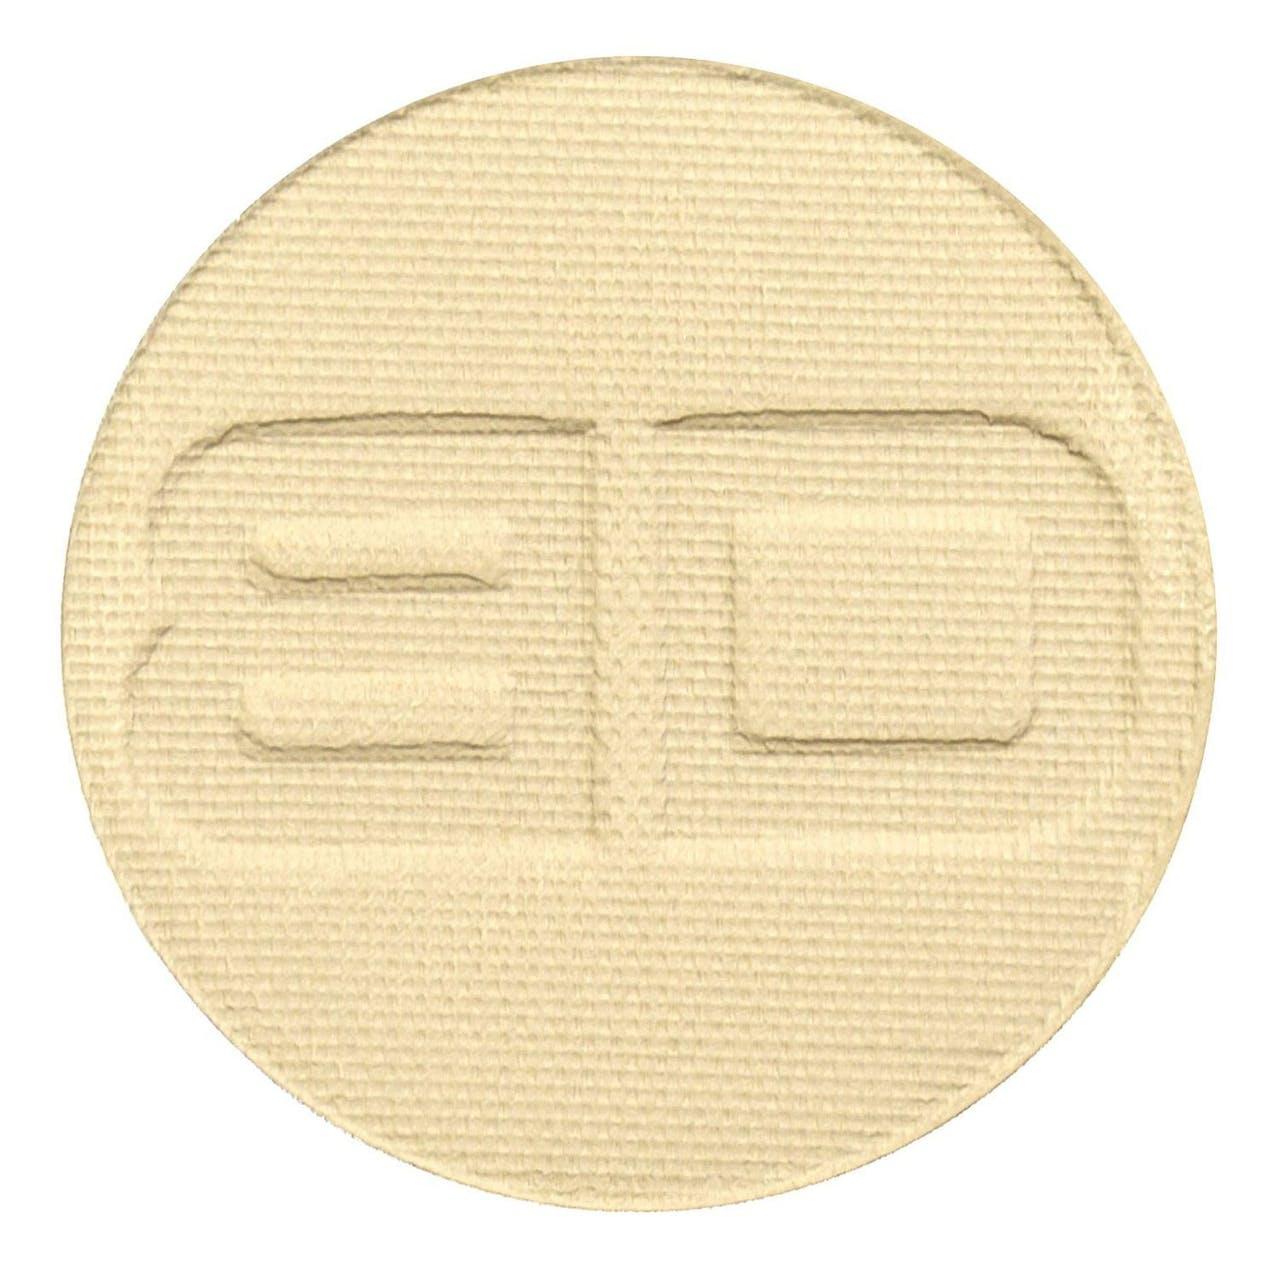 BD Puderpigment Elfenbein Refill 2,5g - 5.40€/1g